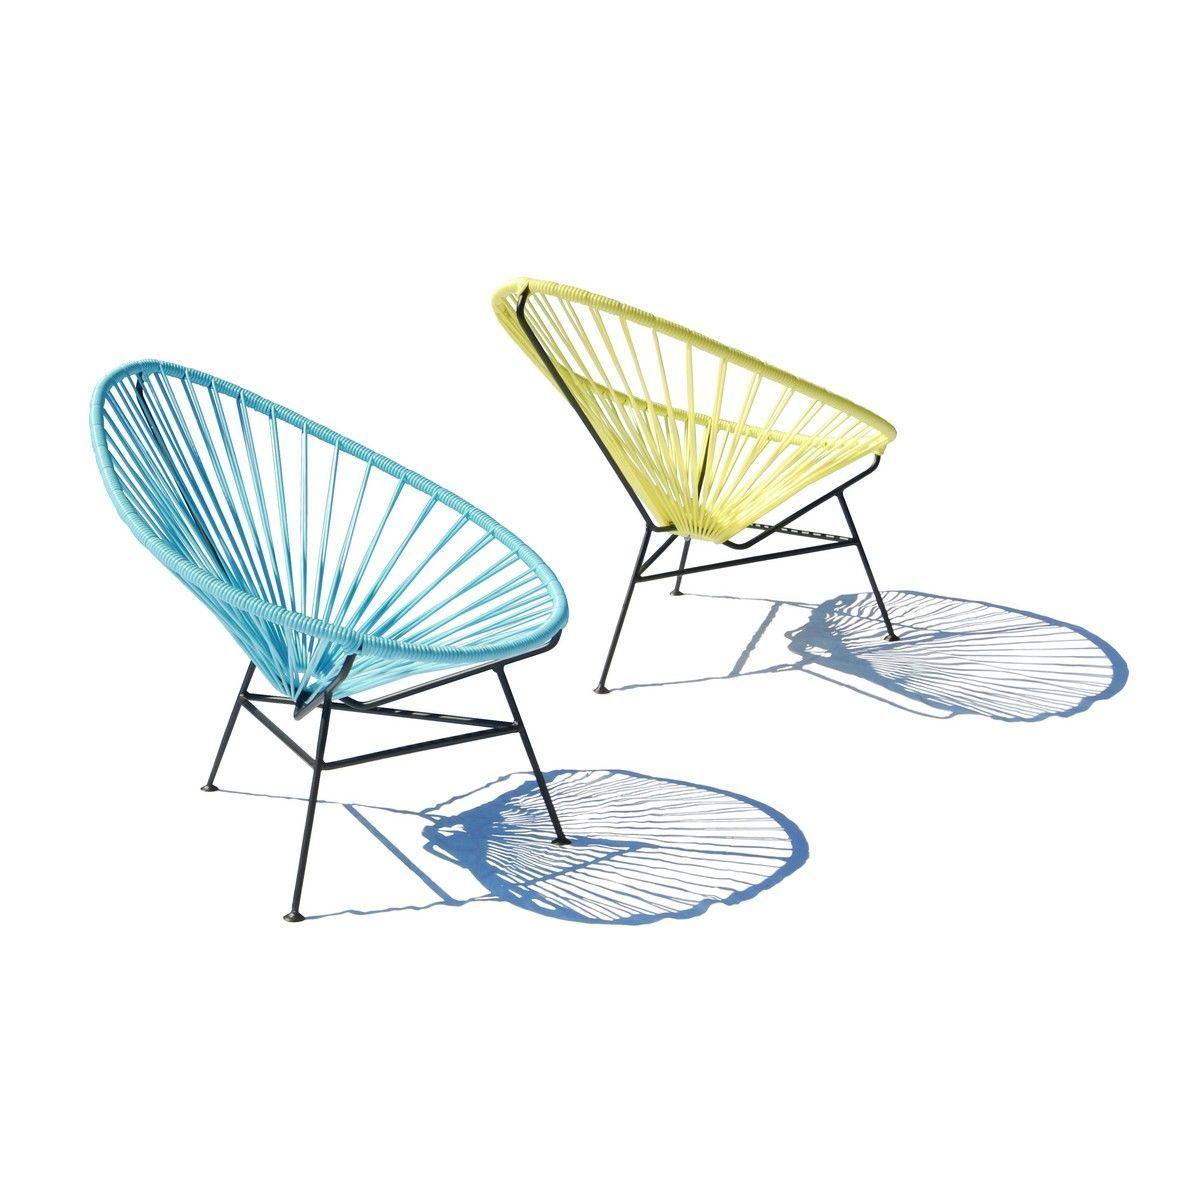 Acapulco mini chair fauteuil enfant ok design - Mini fauteuil enfant ...